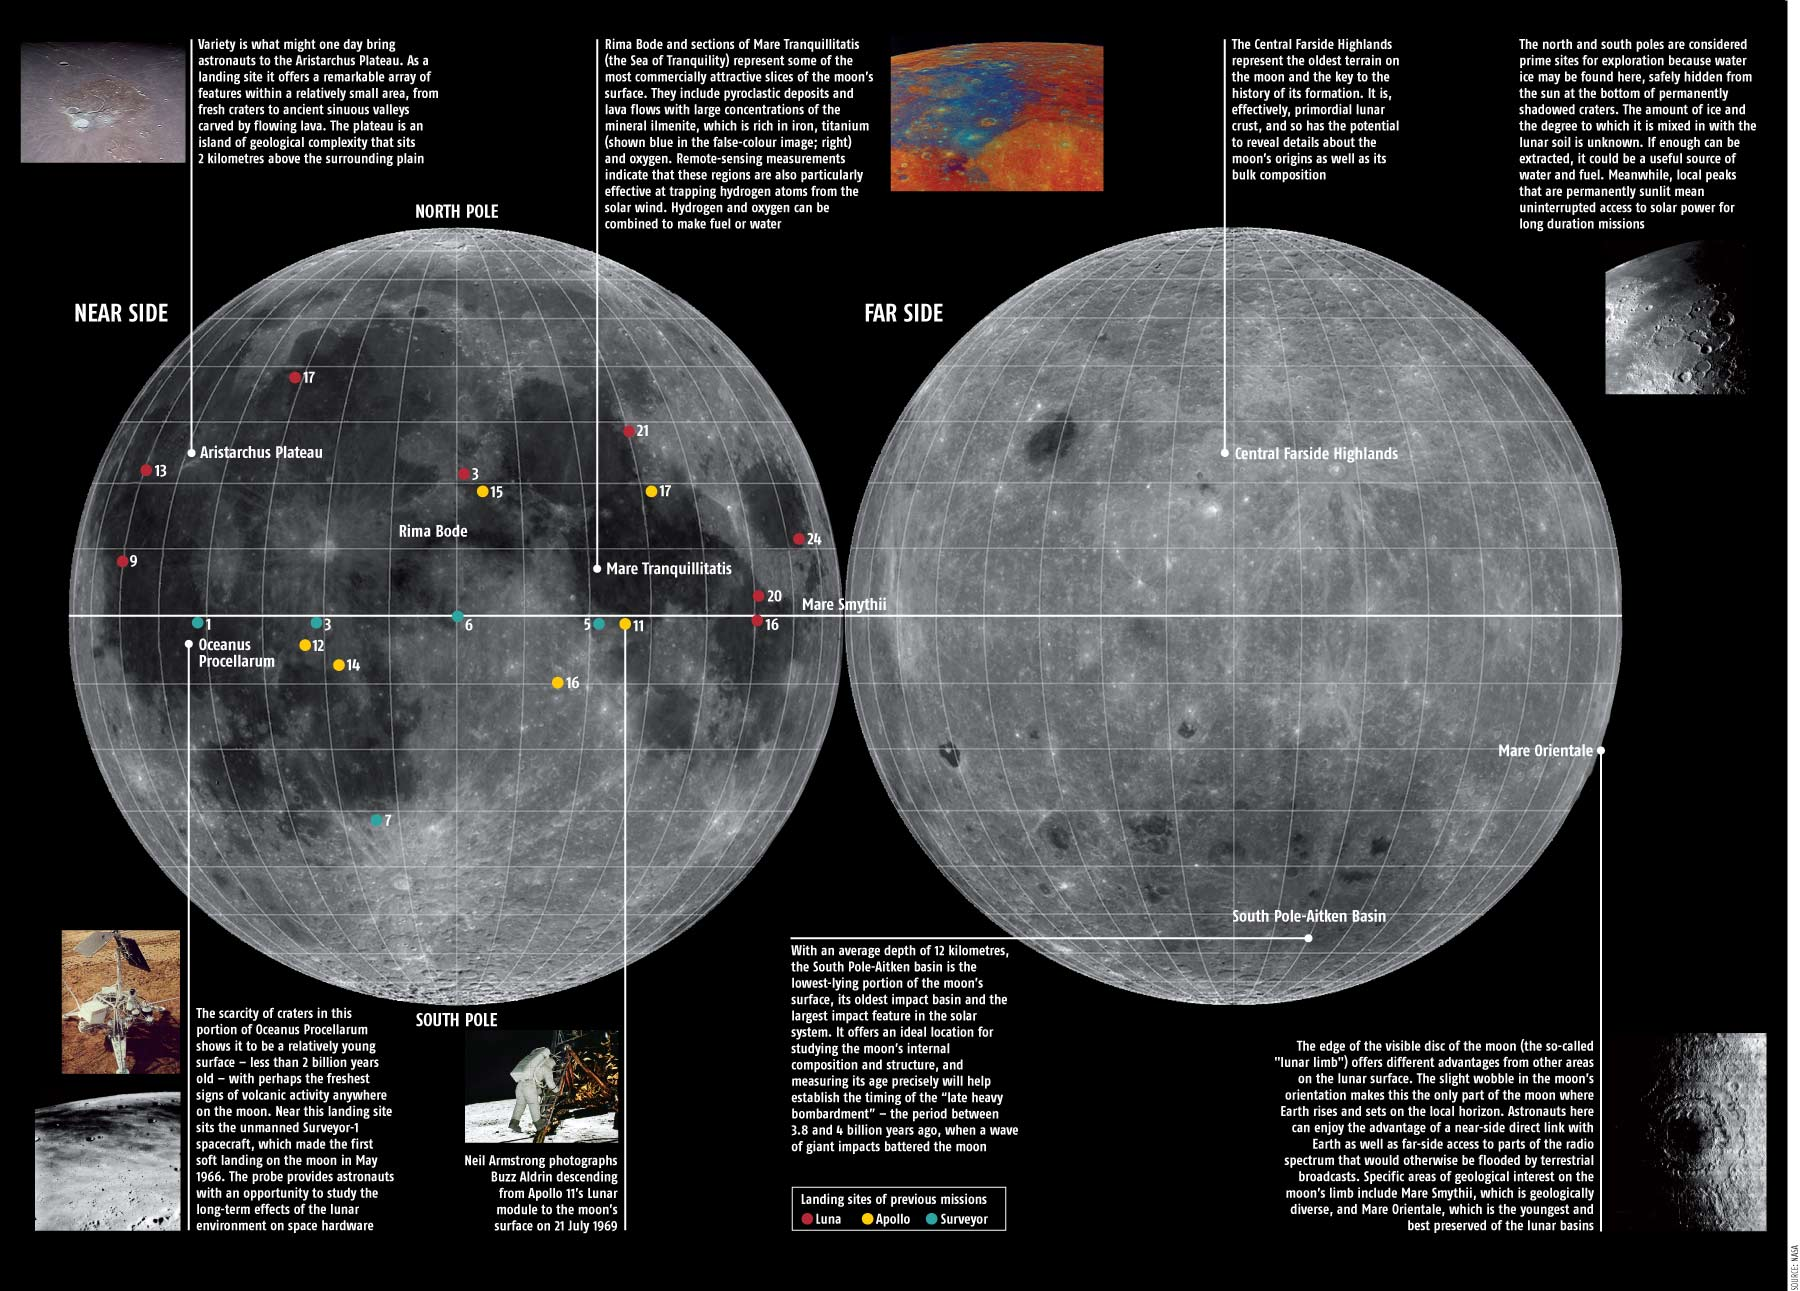 NASA sets its sights on the moon